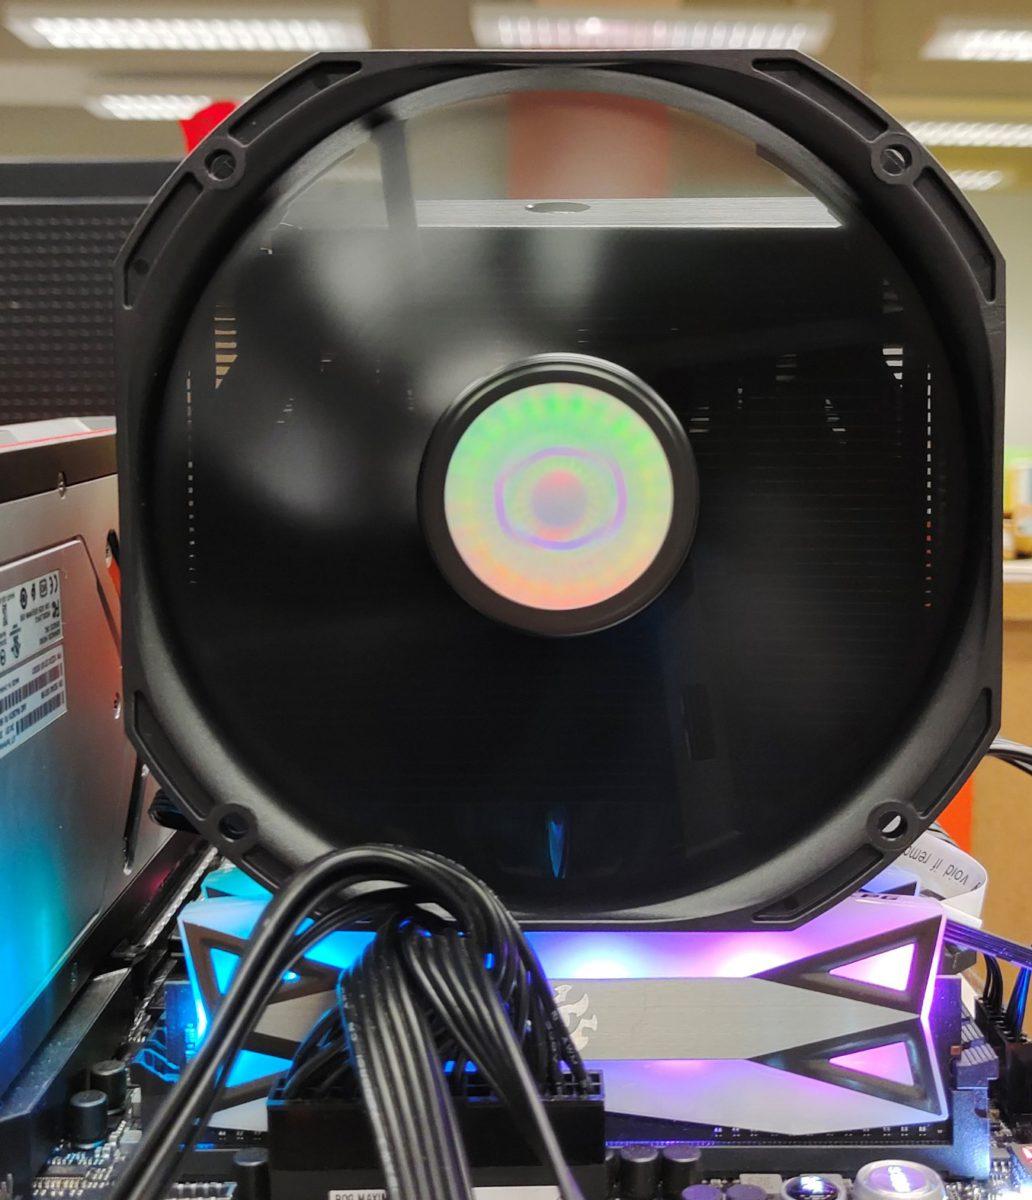 遇上帶 RGB 功能的高身 DDR4 ,可以升高風扇的方式作出解決。